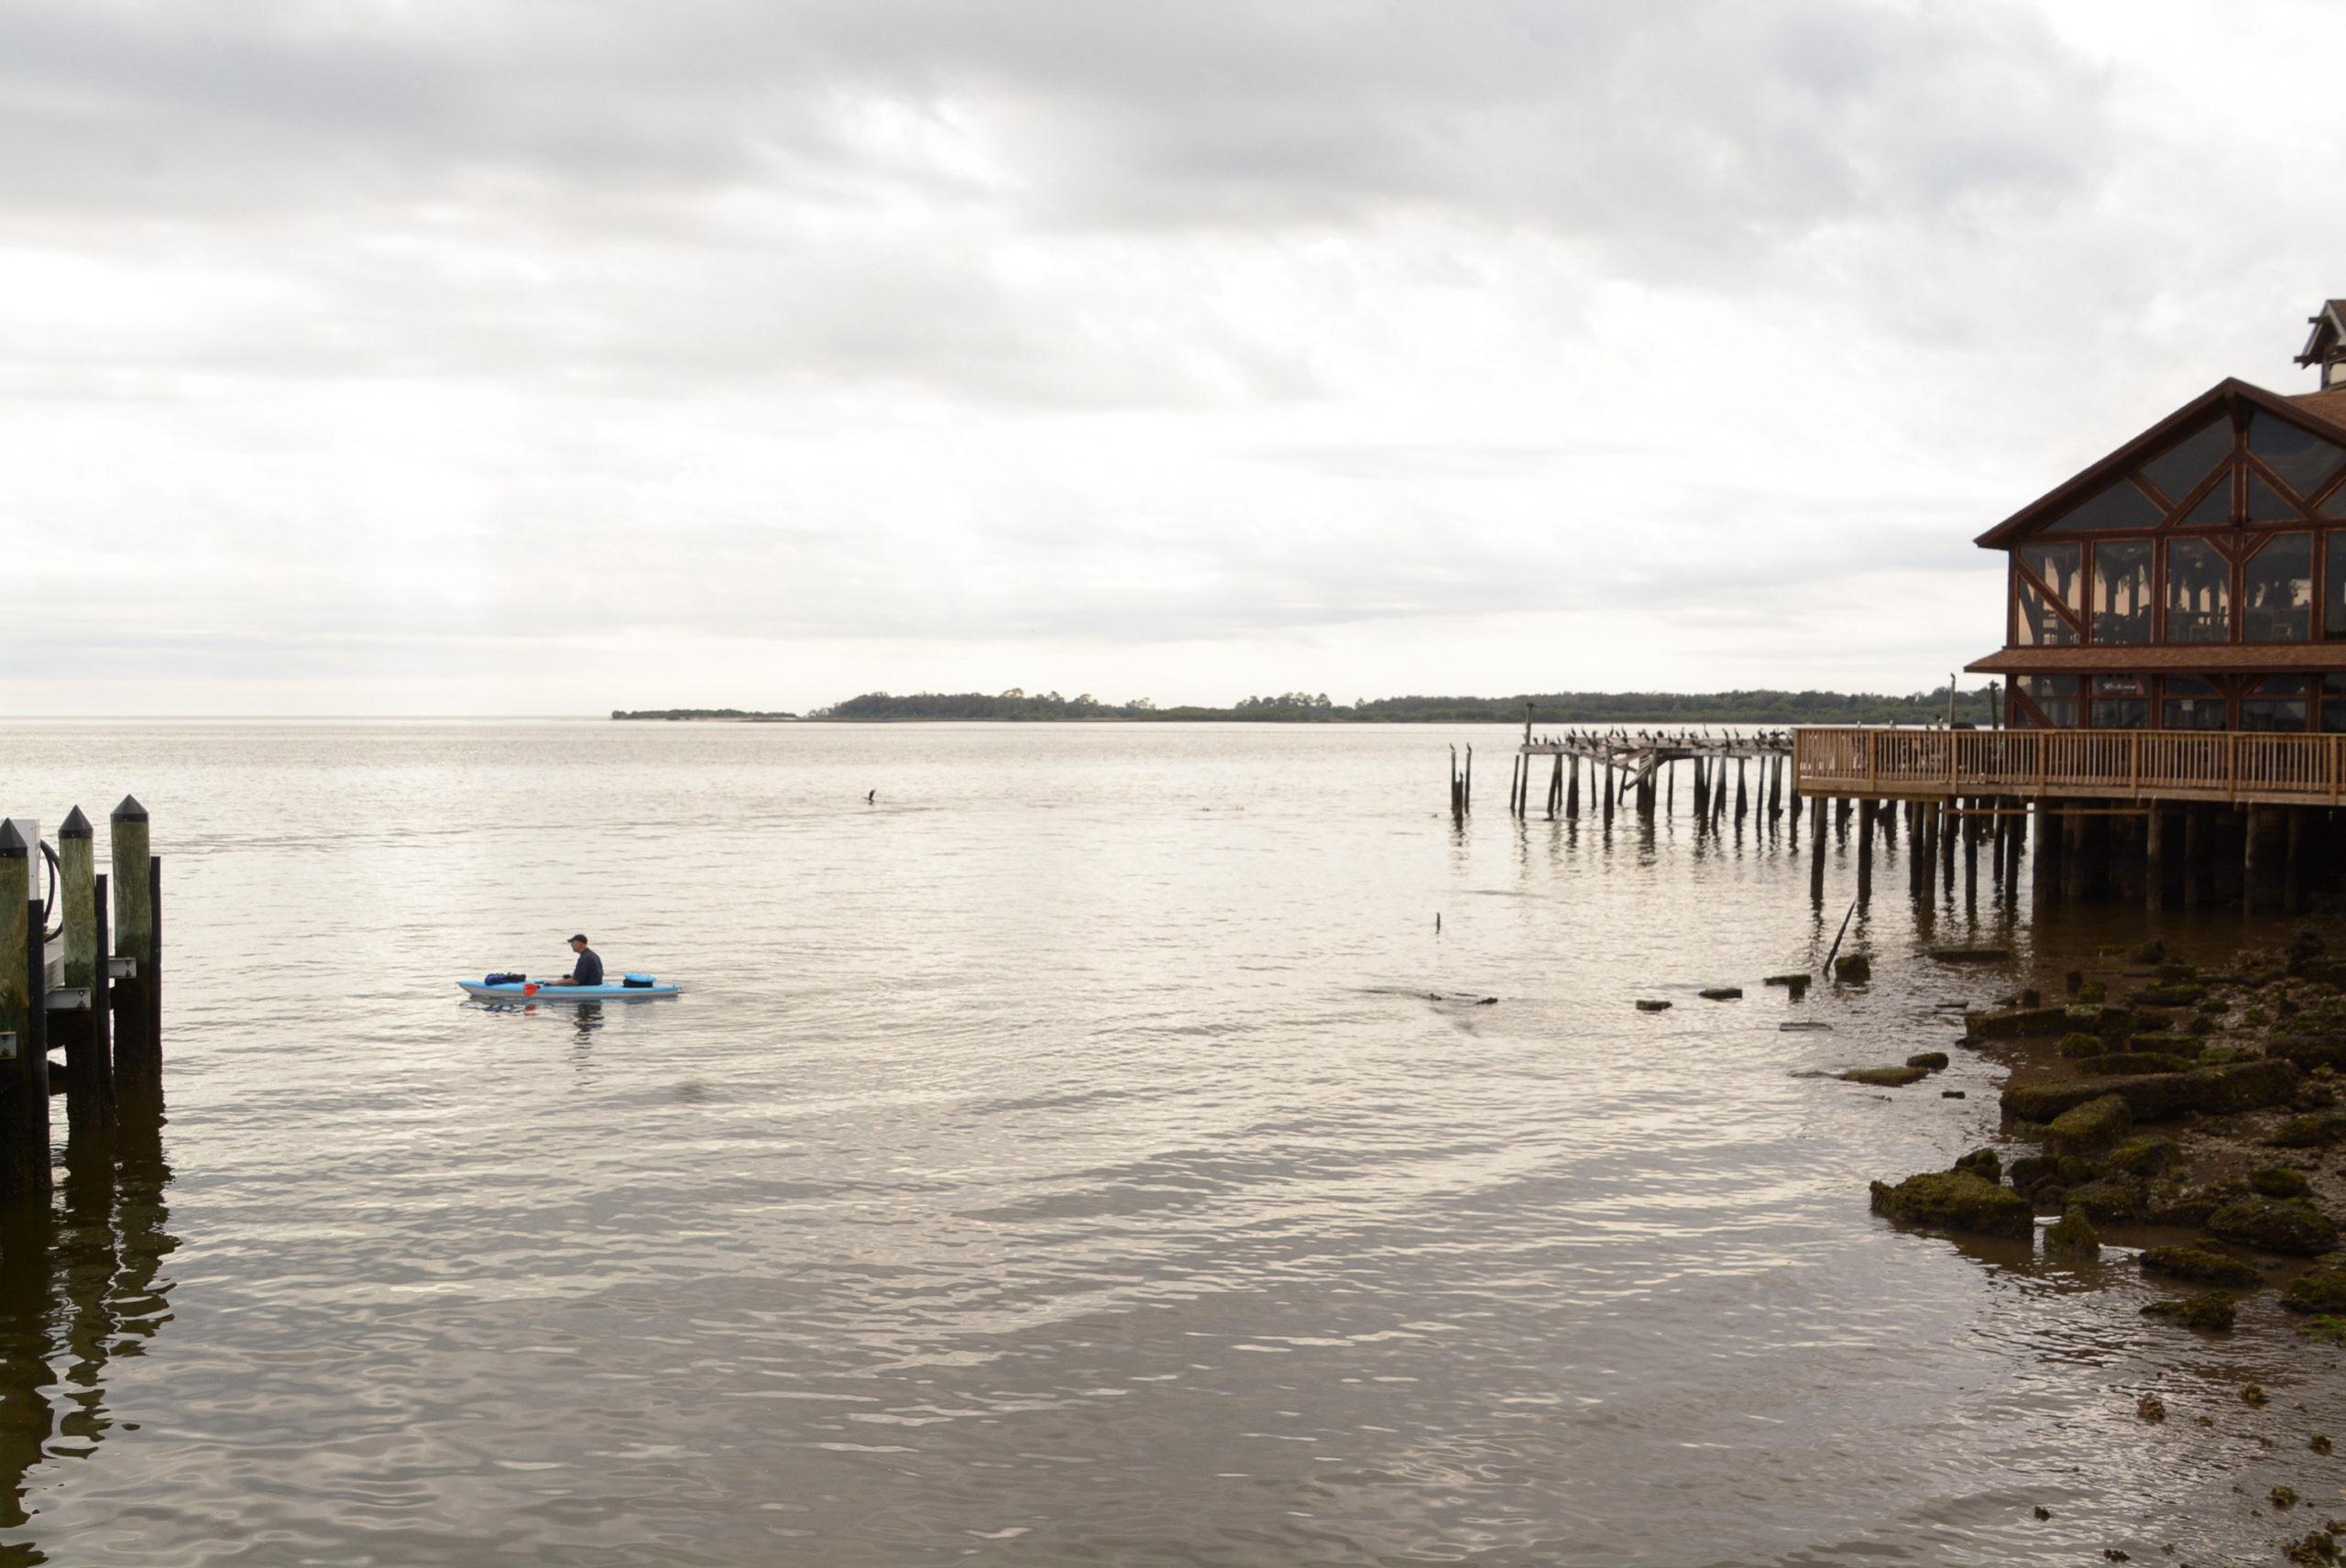 Ein Kanufahrer in den Gewässern vor der Insel in Florida